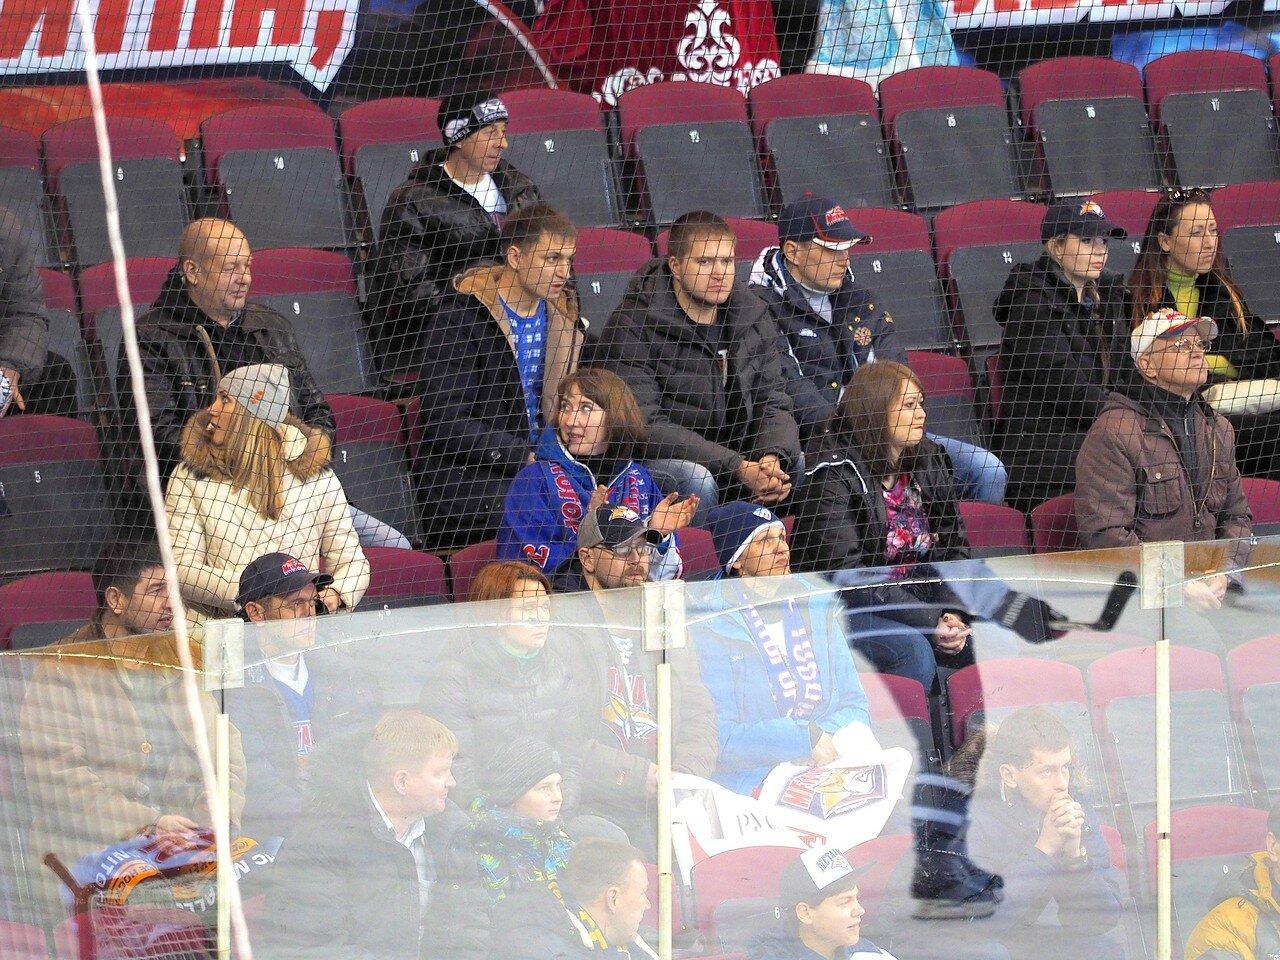 8Металлург - Cпартак 26.12.2015